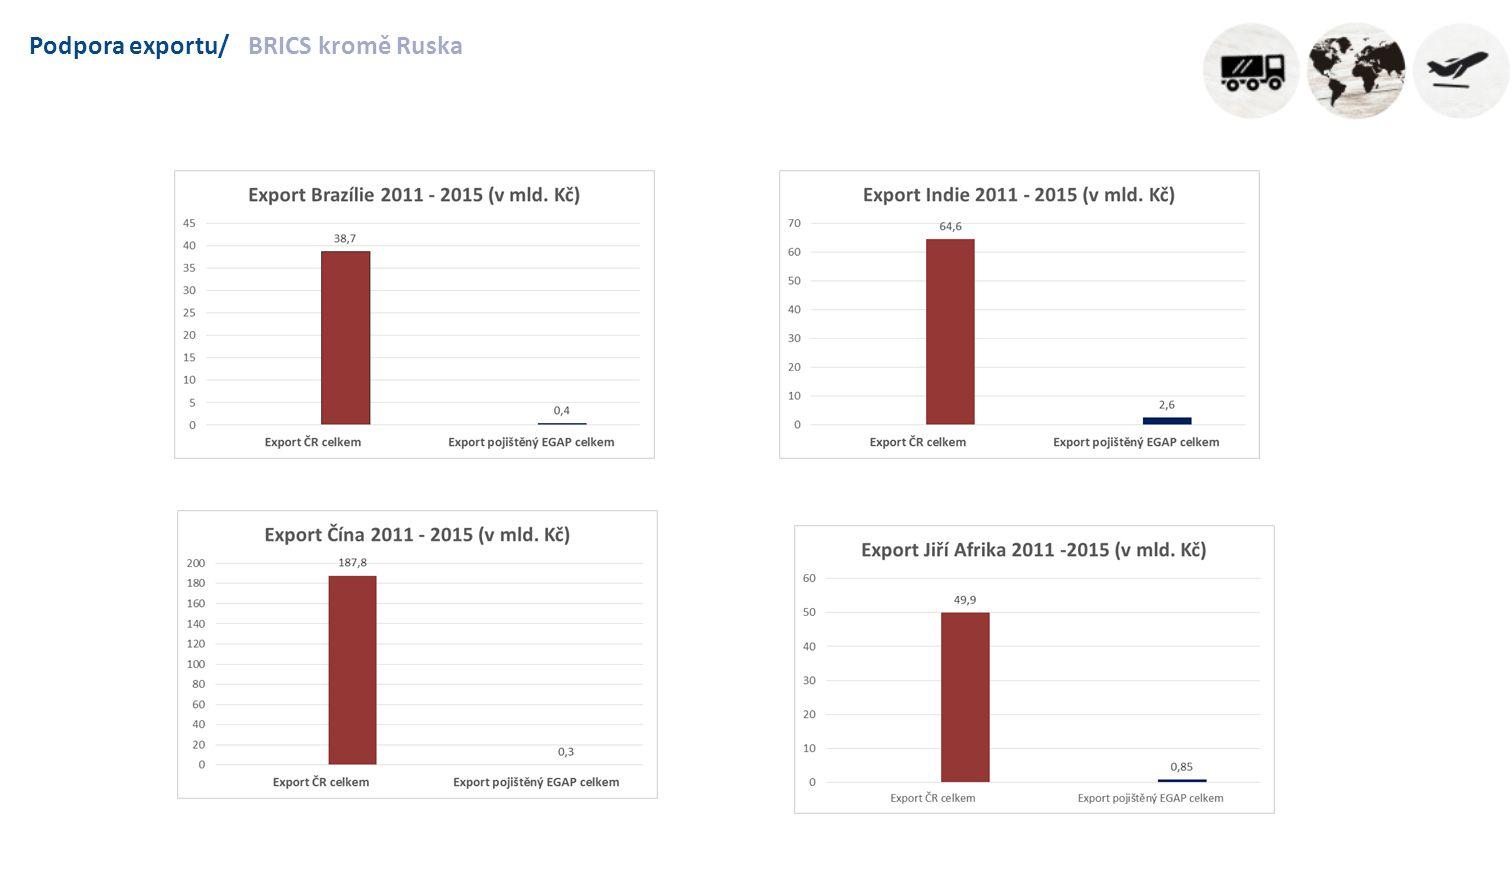 Podpora exportu/BRICS kromě Ruska